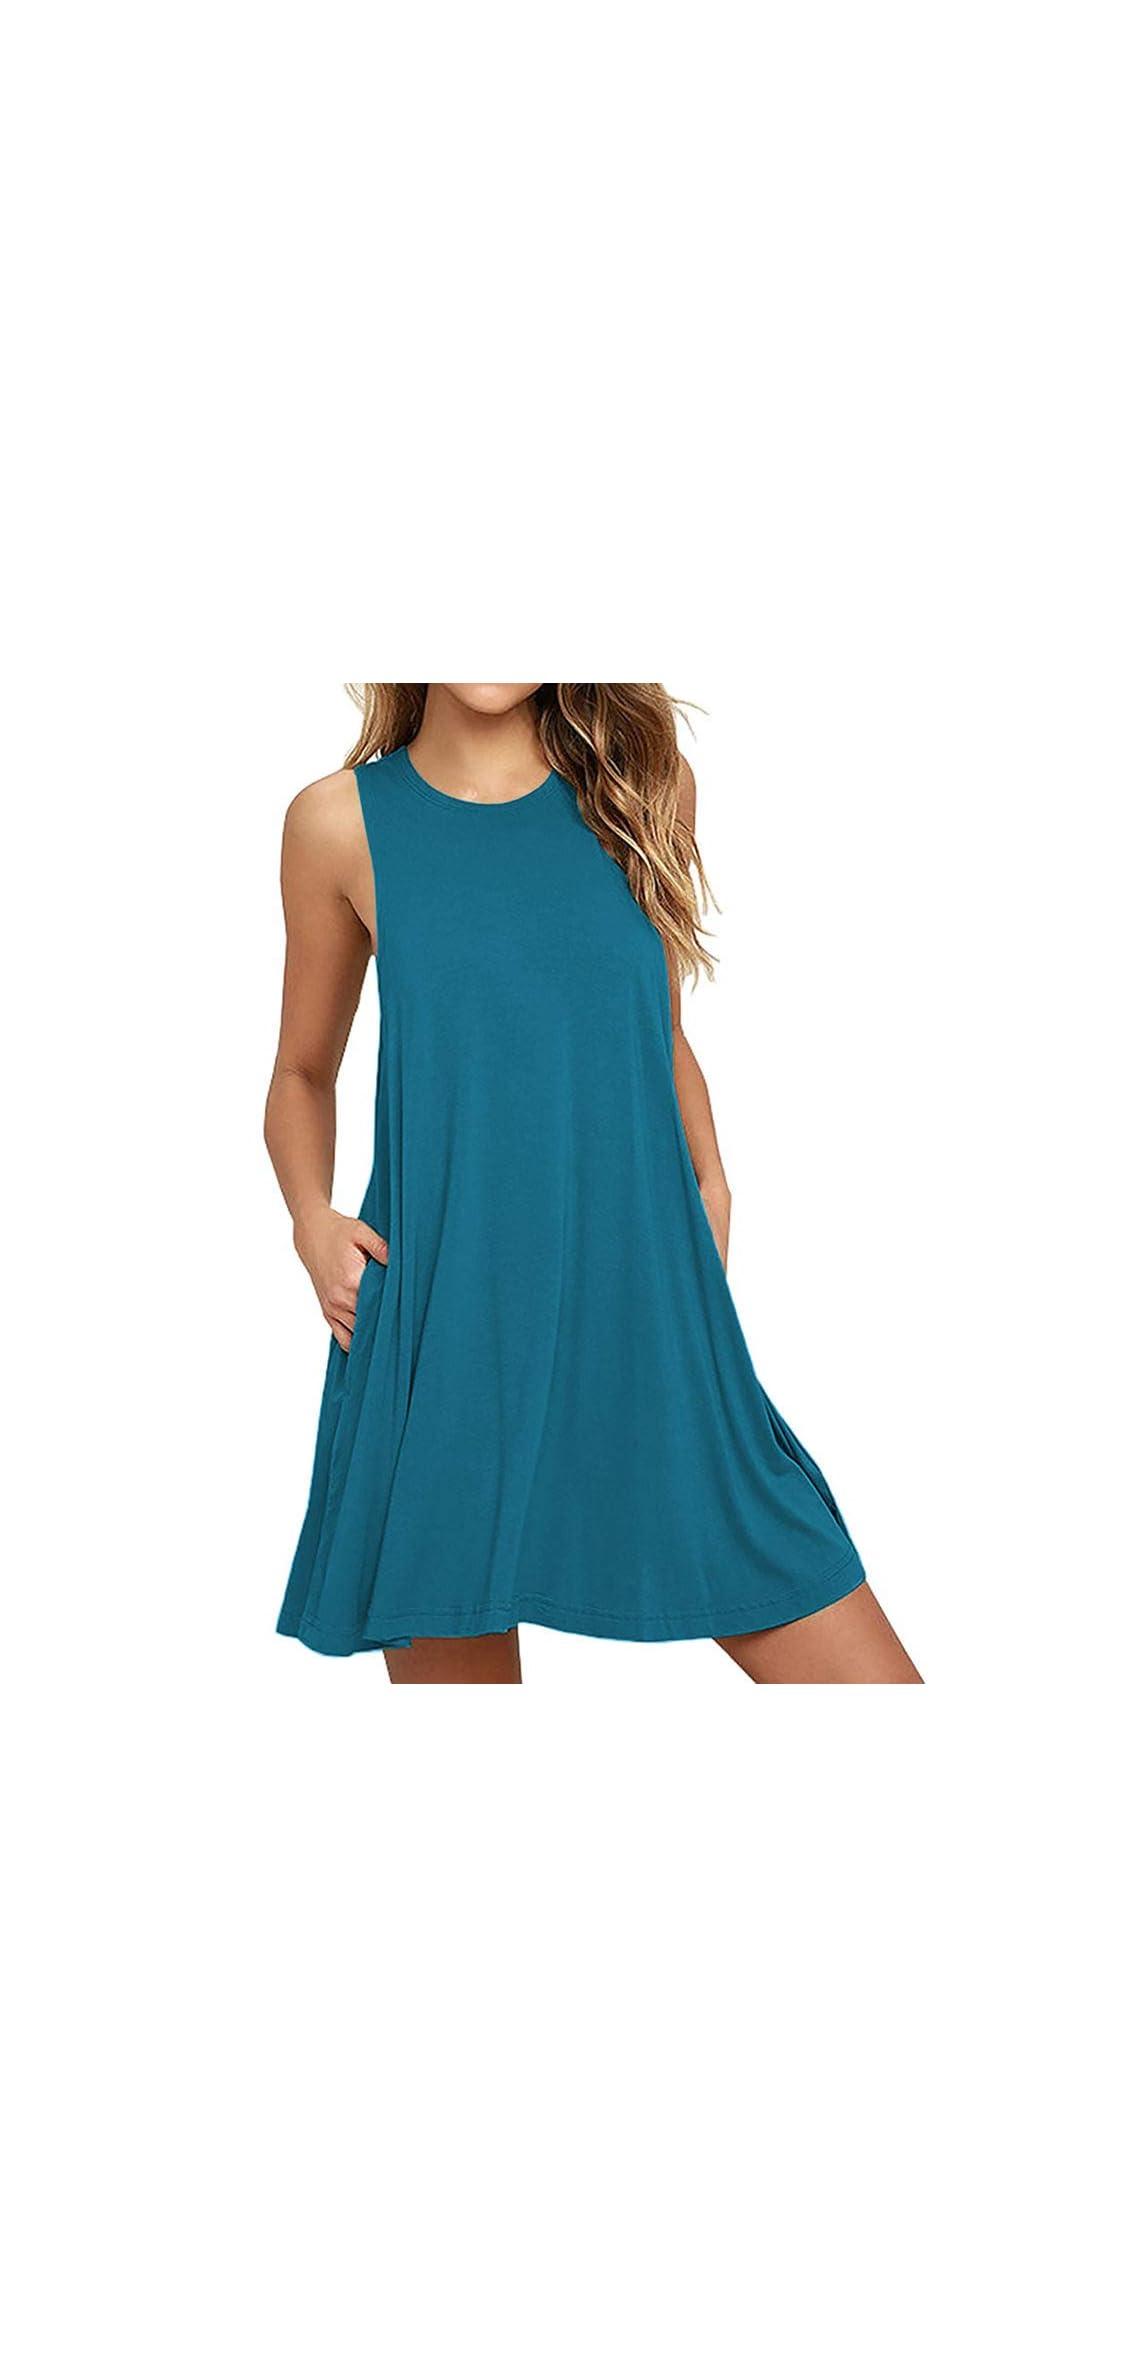 Women Summer Casual T Shirt Dresses Beach Cover Up Tank